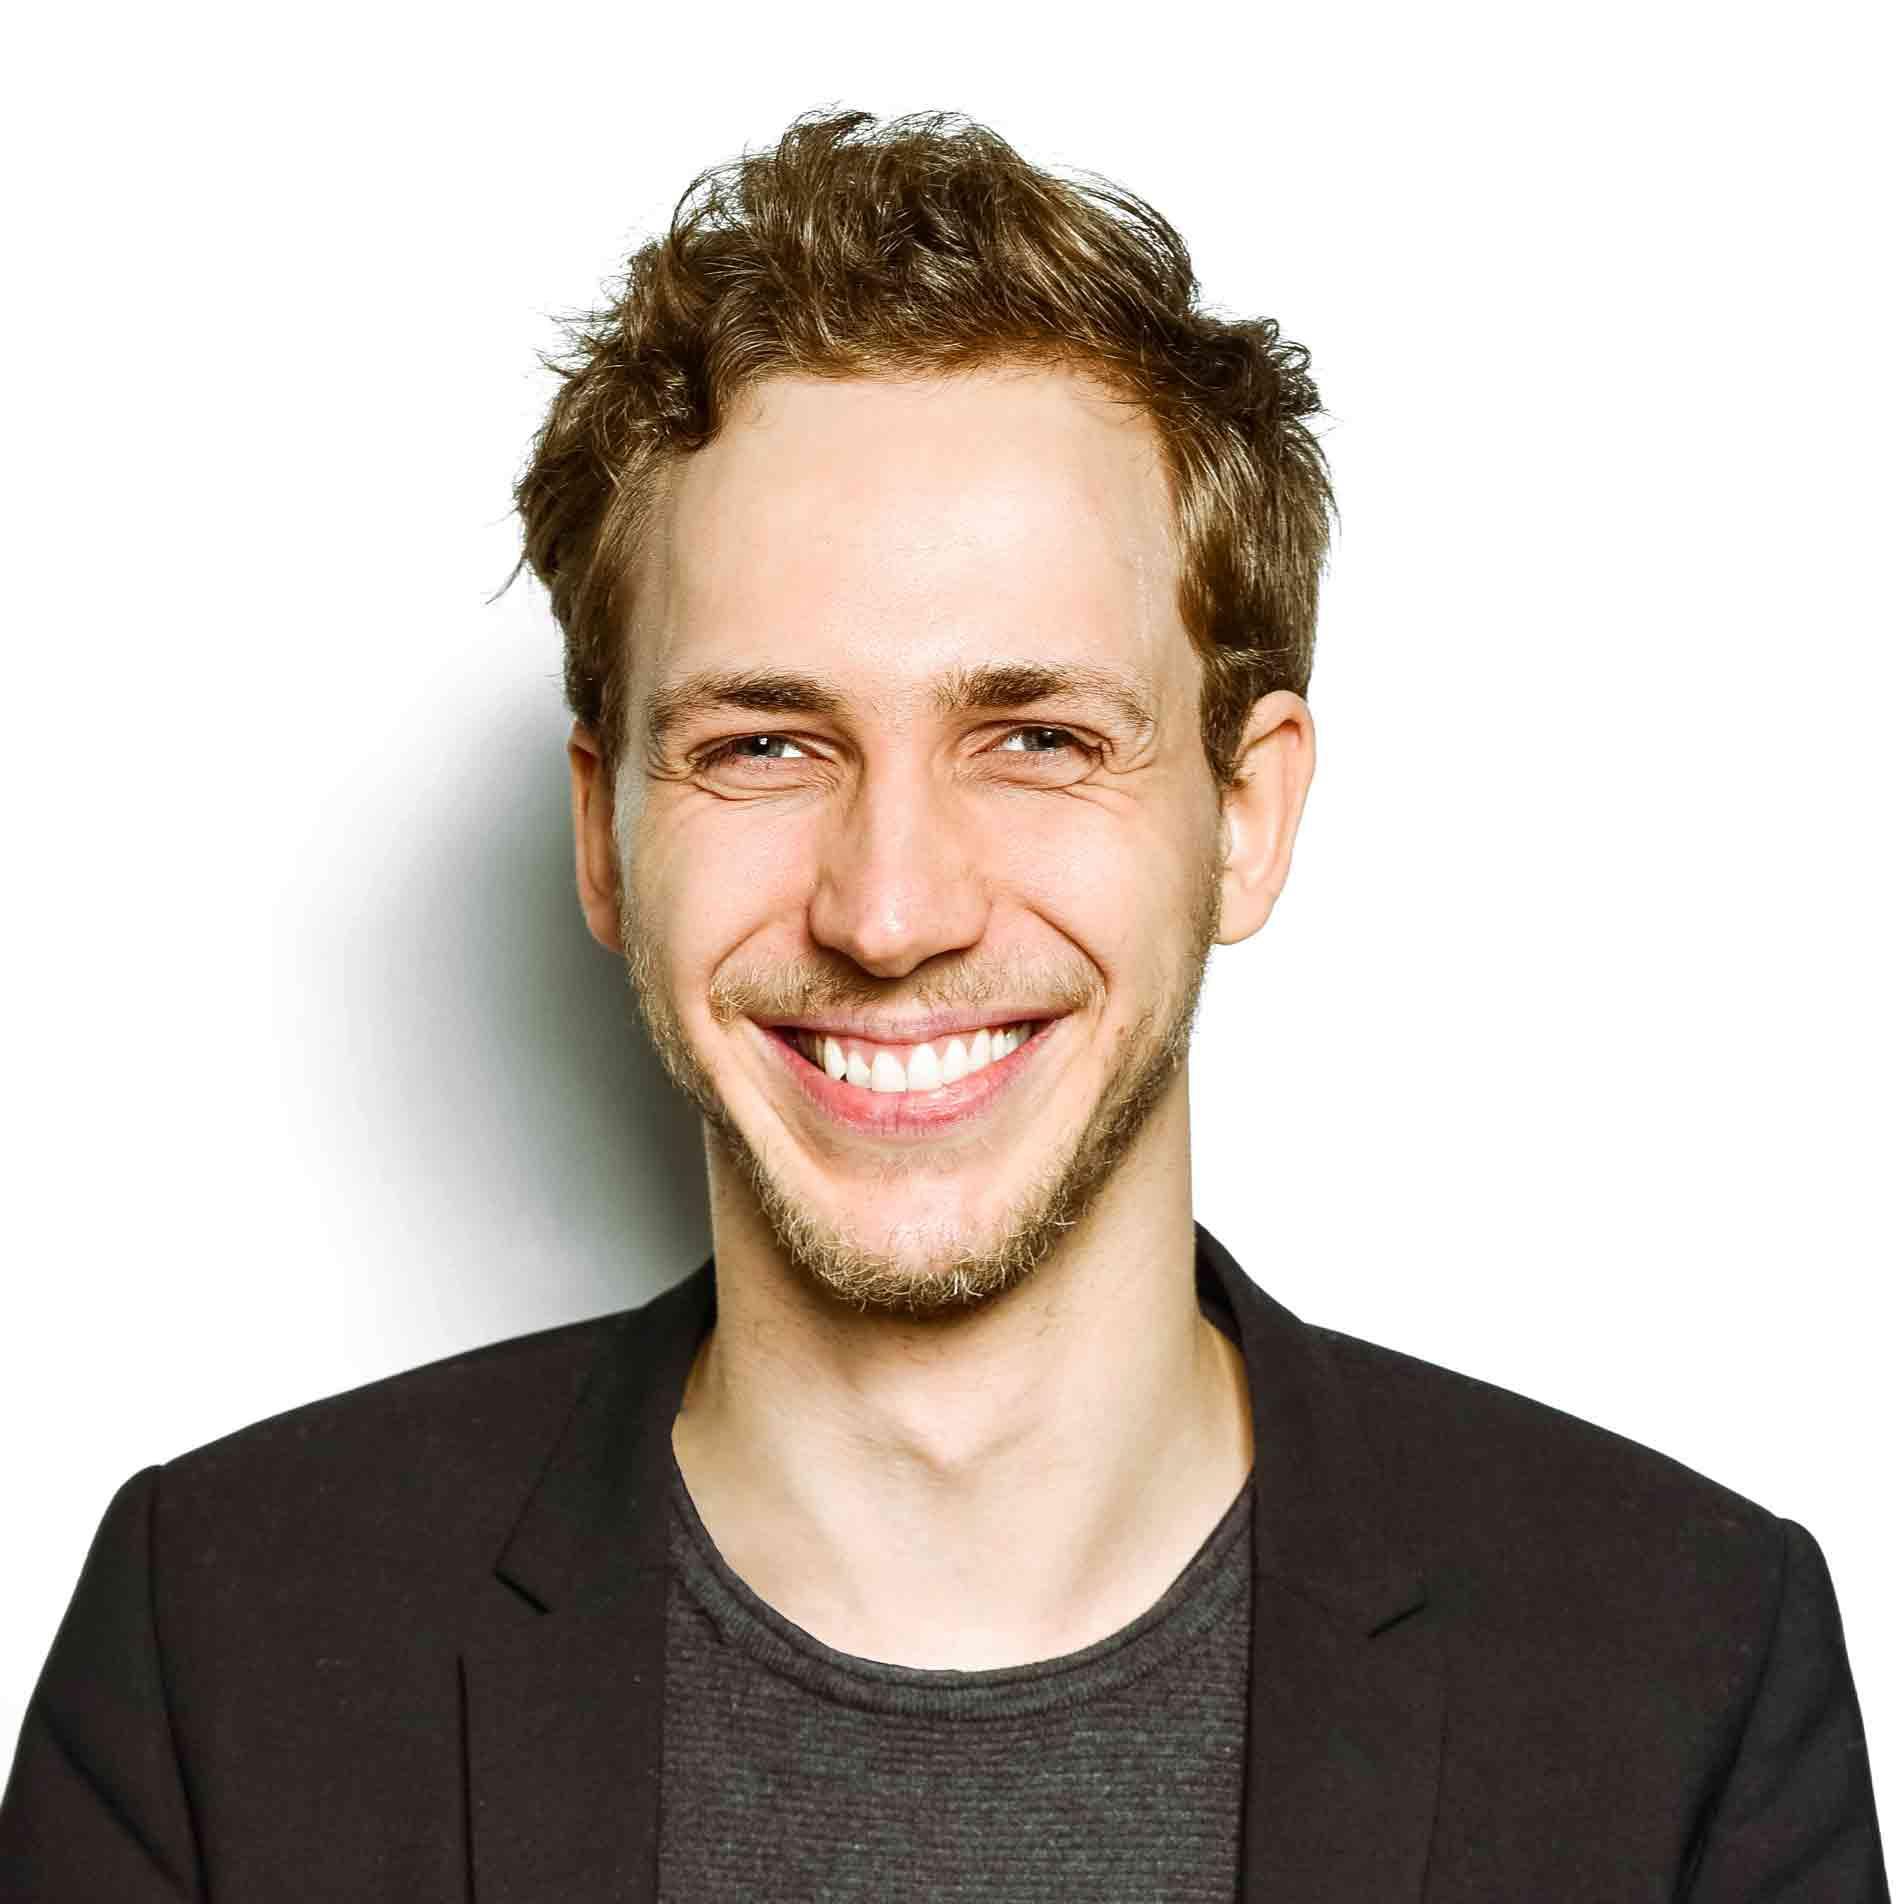 David-Leonard Köppen